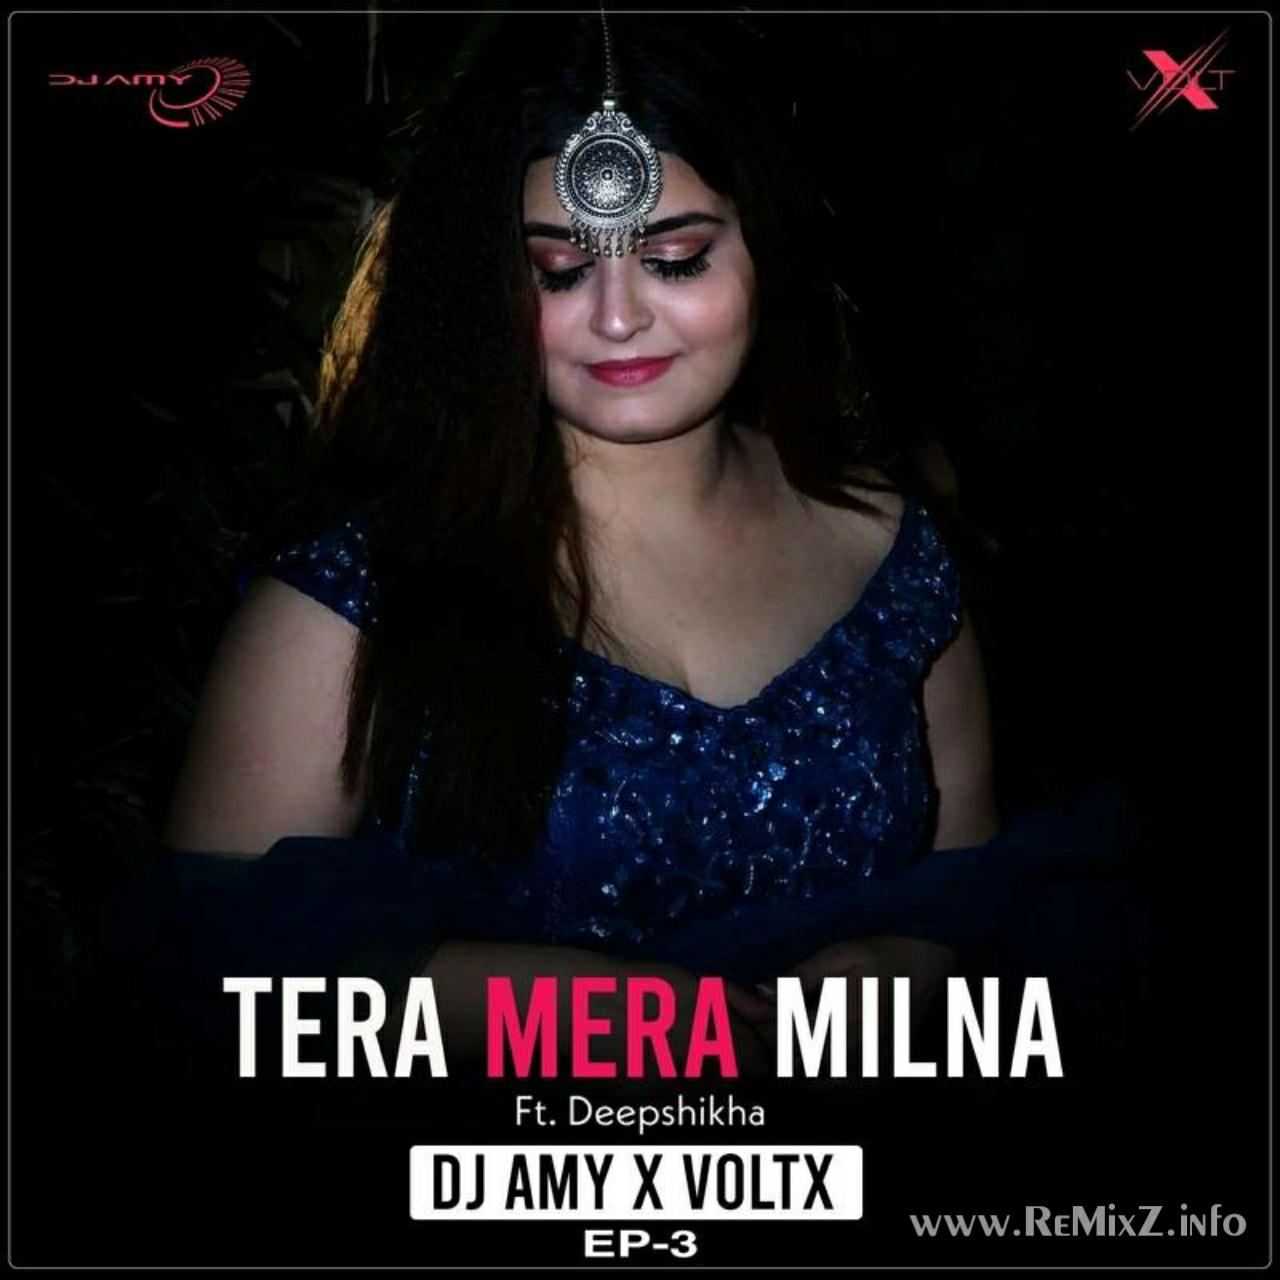 Tera-Mera-Milna-Ft-Deepsikha-AMY-x-VØLTX.jpg